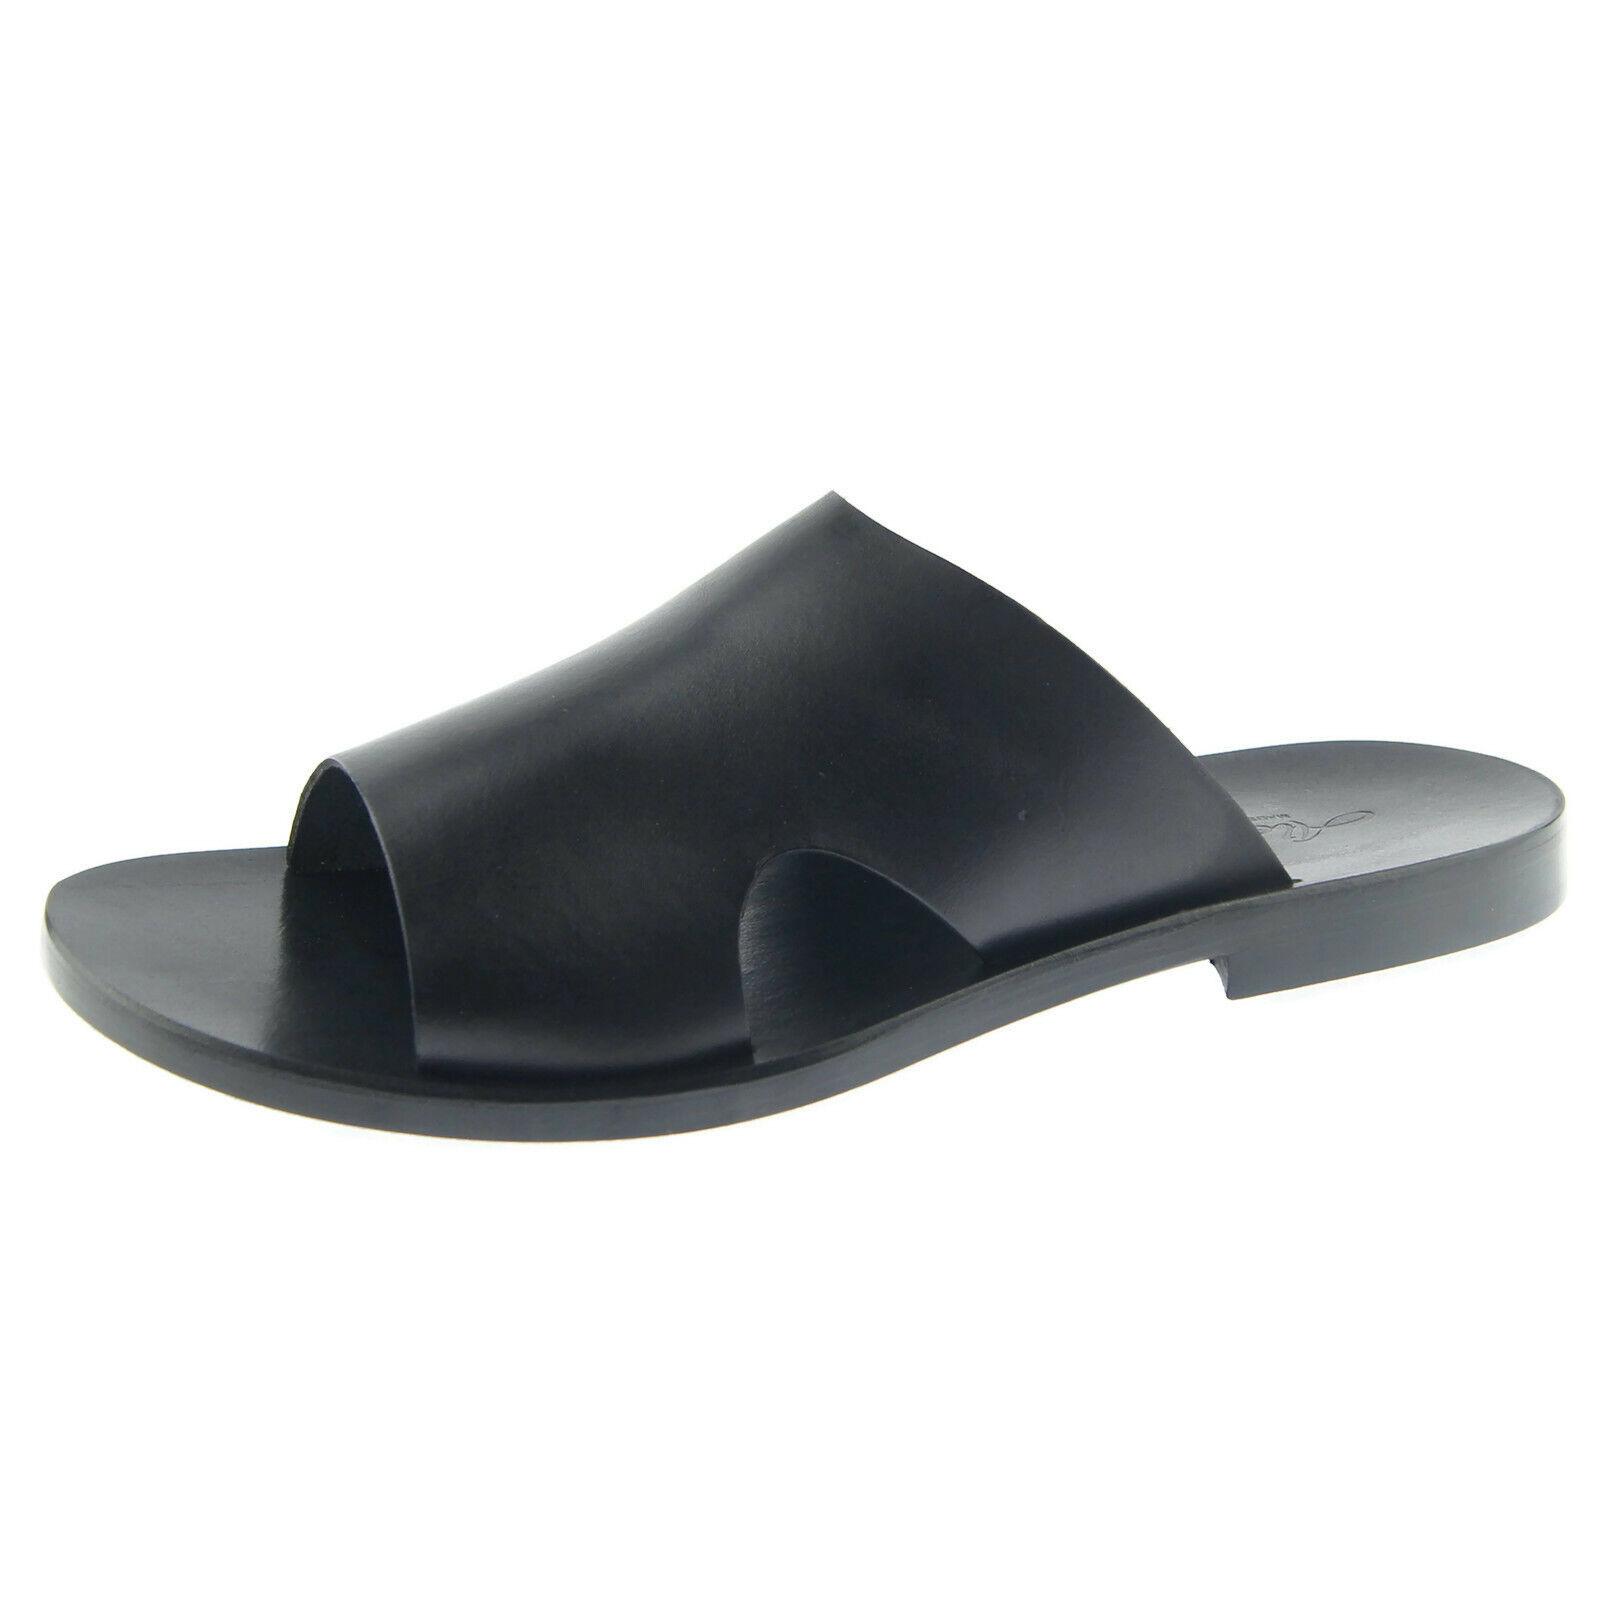 Alex D   Naples   herren Abito Slide Sandali, Bassa in , Made in , schwarz